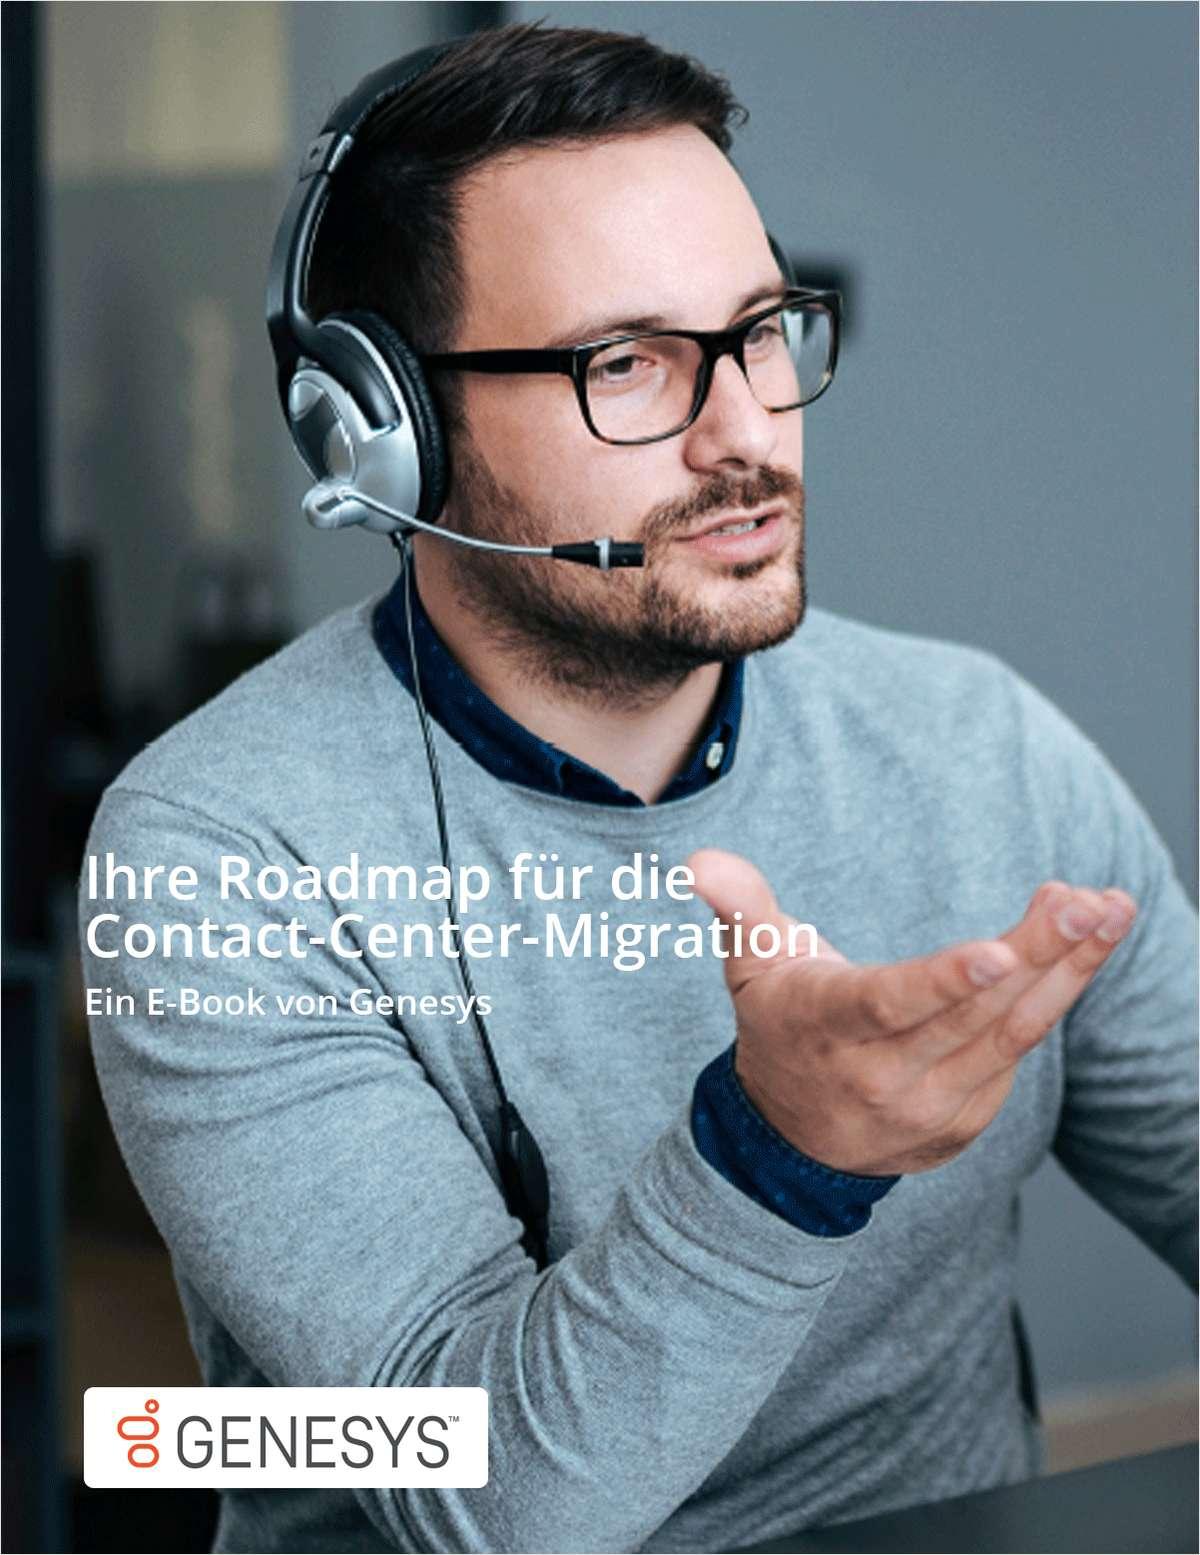 Ihre Roadmap für die Contact-Center-Migration